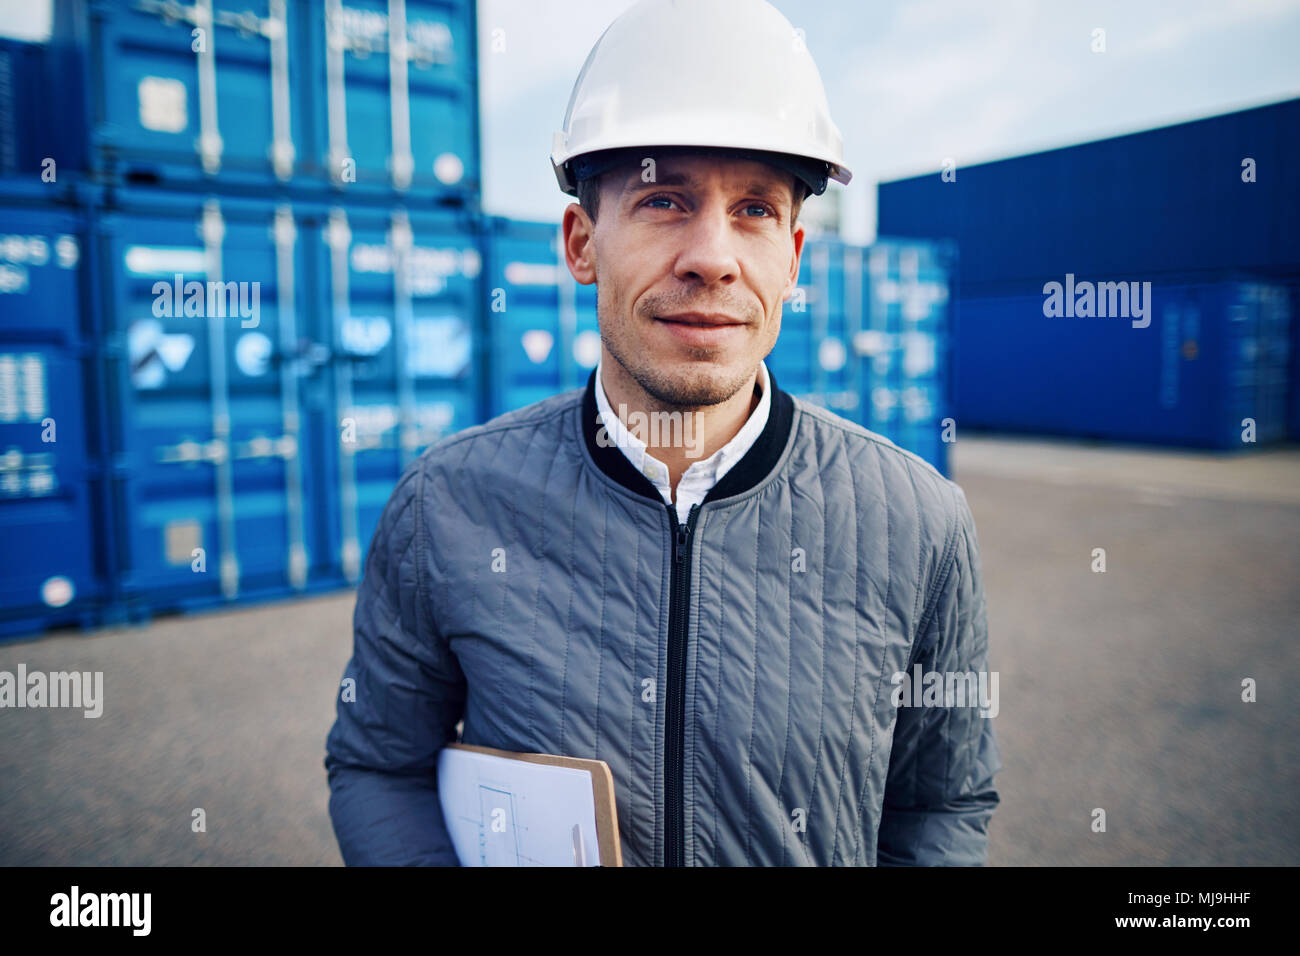 Gestionnaire de transport portant un casque de protection et souriant alors qu'il se trouvait seul sur une grande aire d'expédition commerciale détenant un presse-papiers Photo Stock